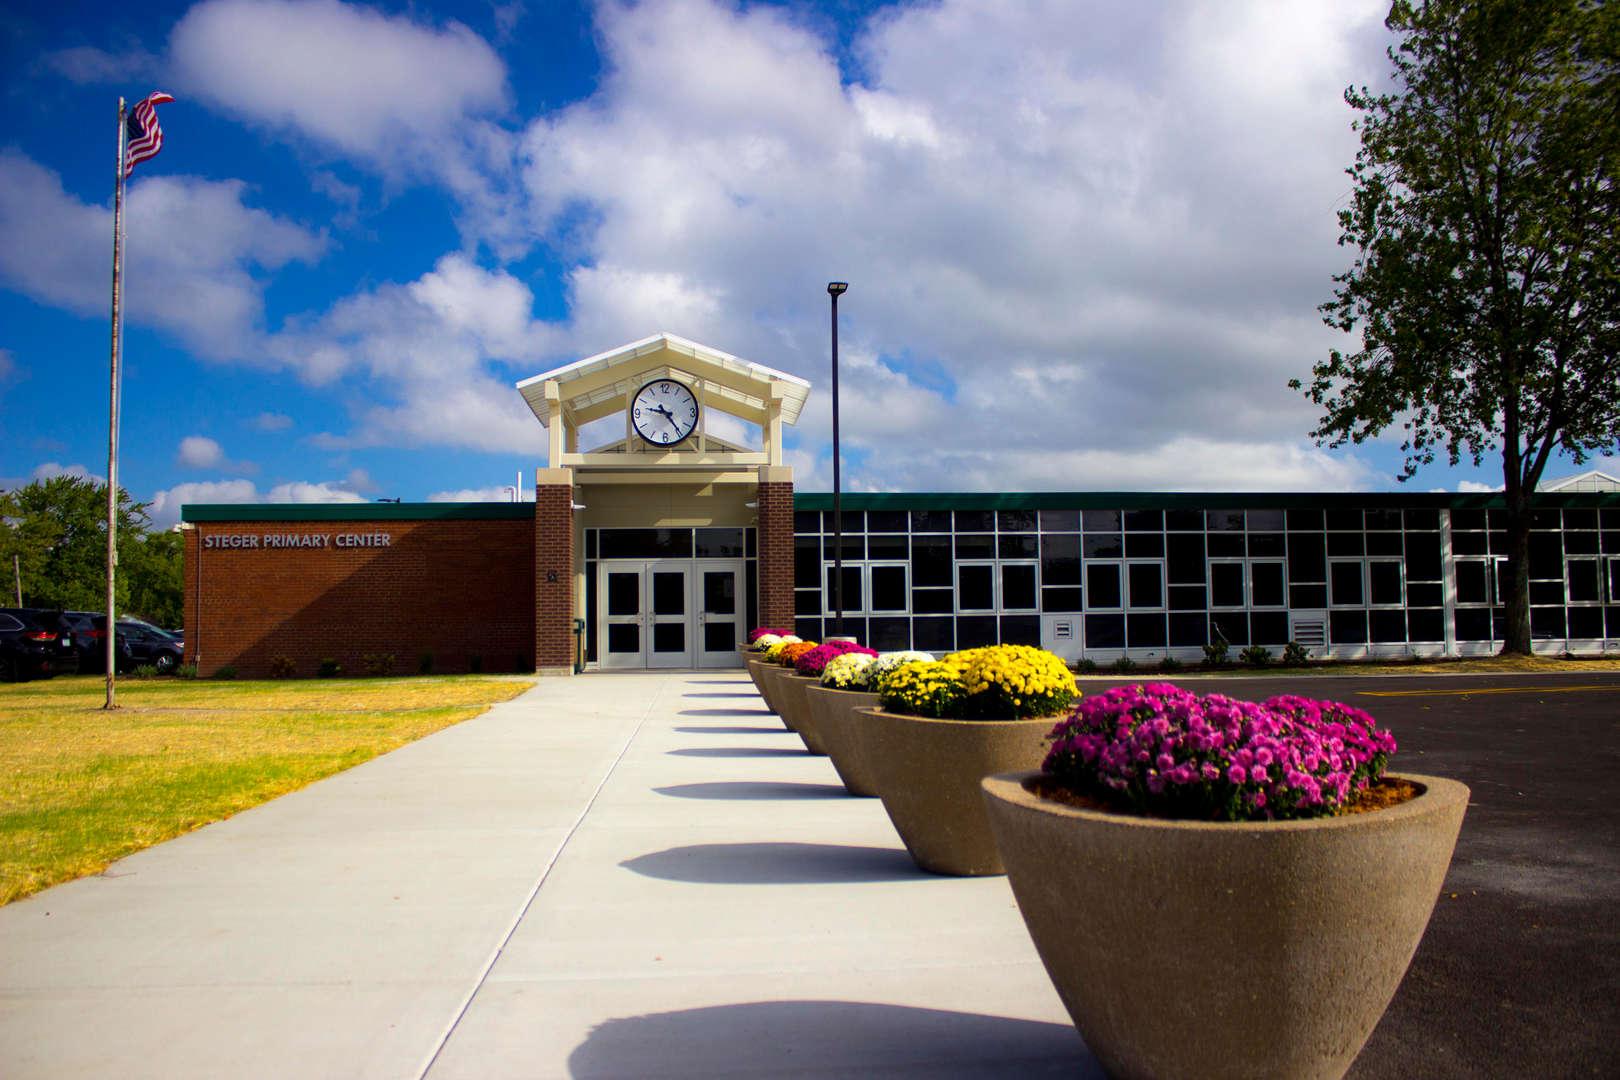 Steger Primary Entrance